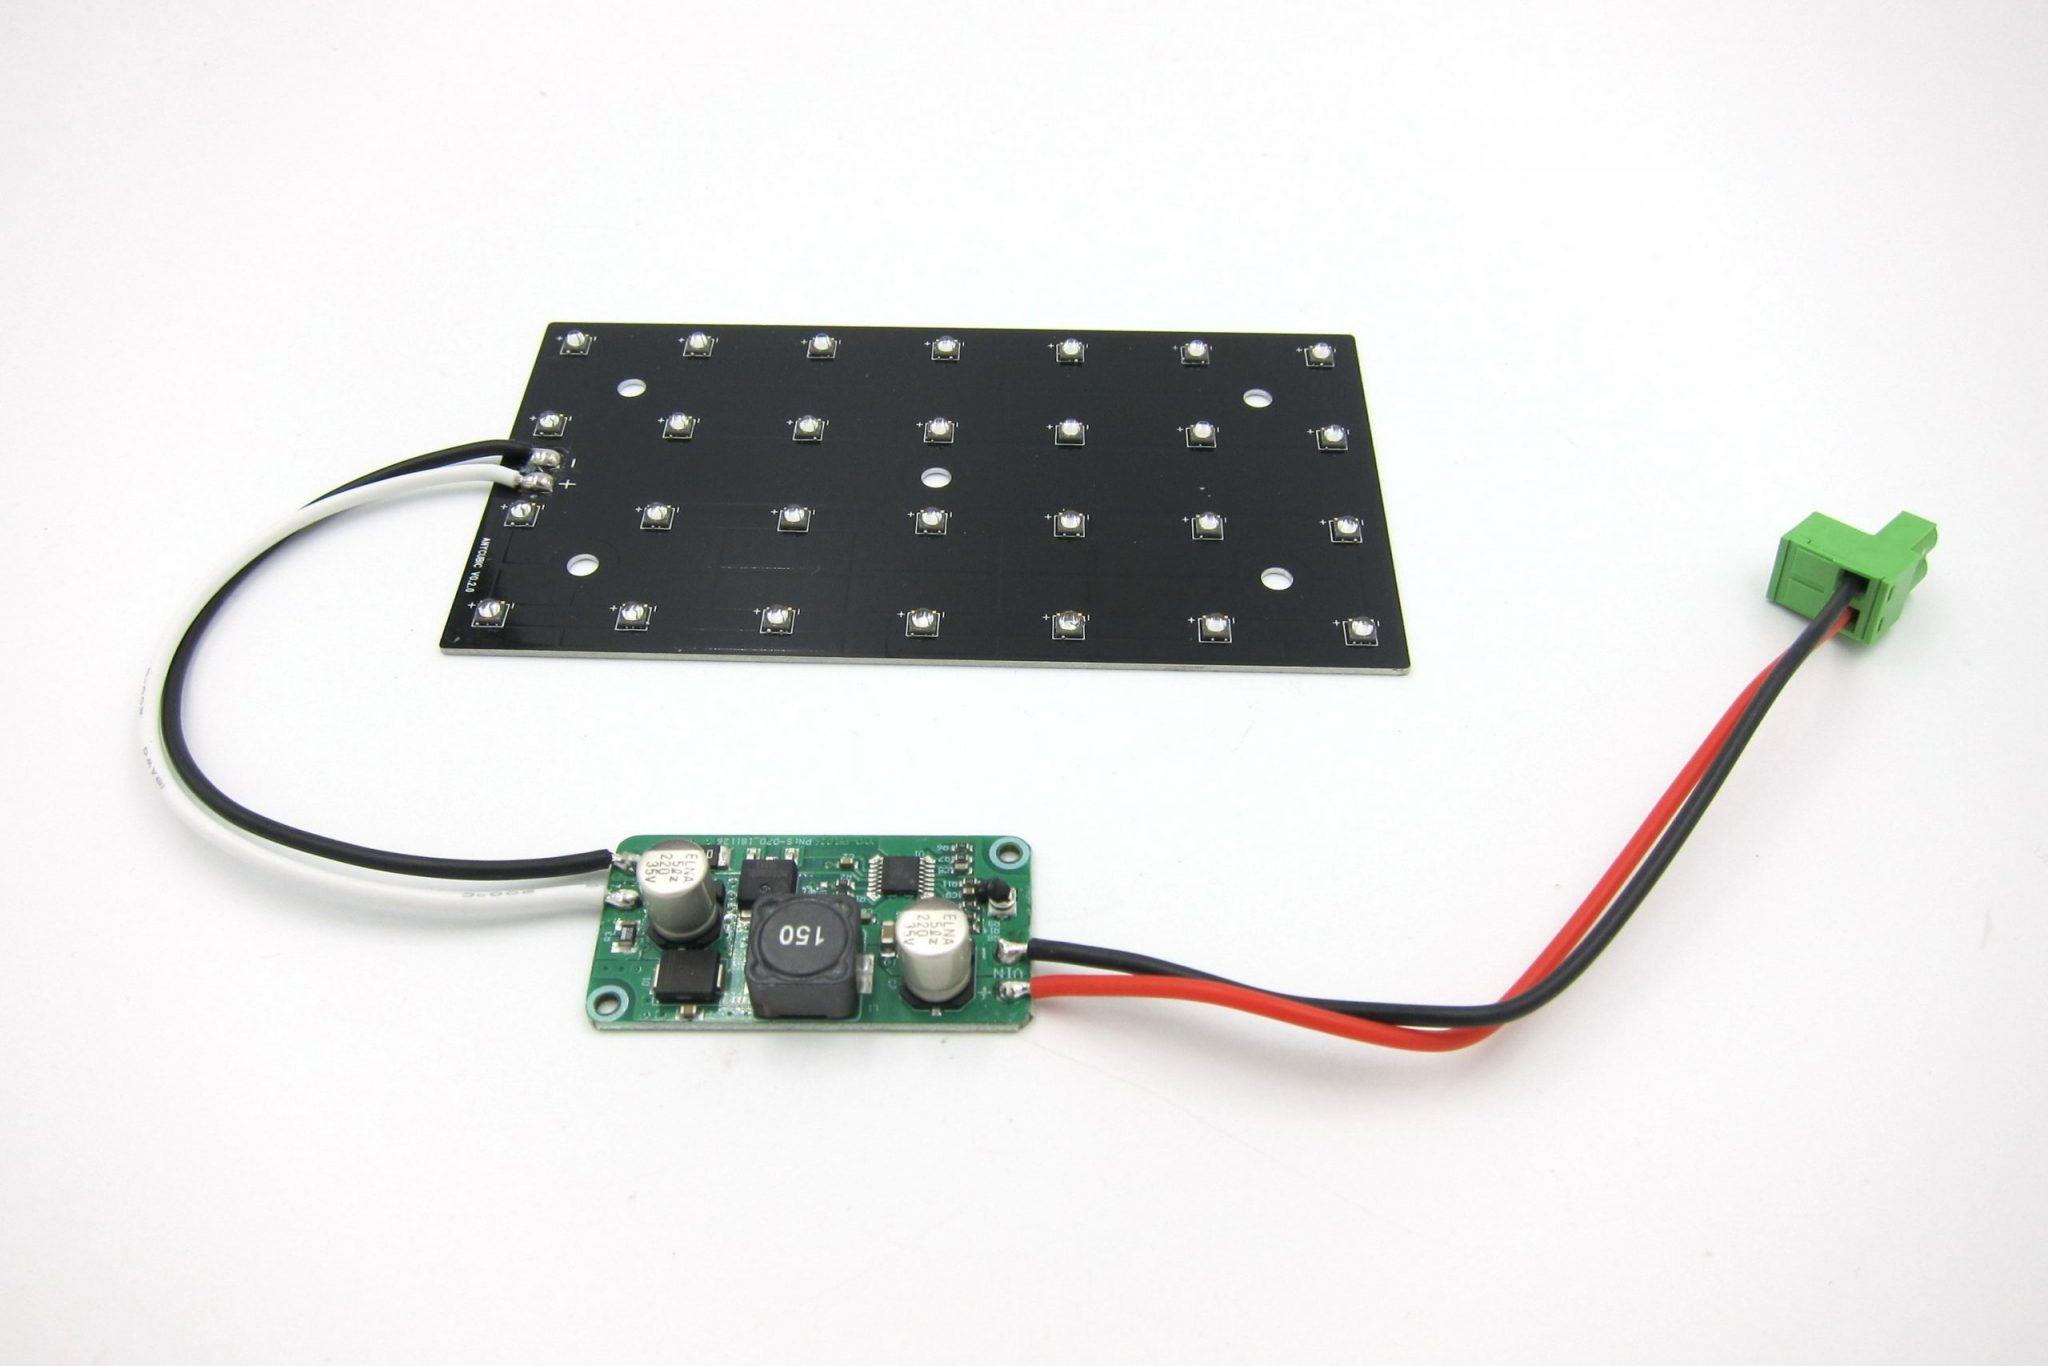 Anycubic Photon S LED Array